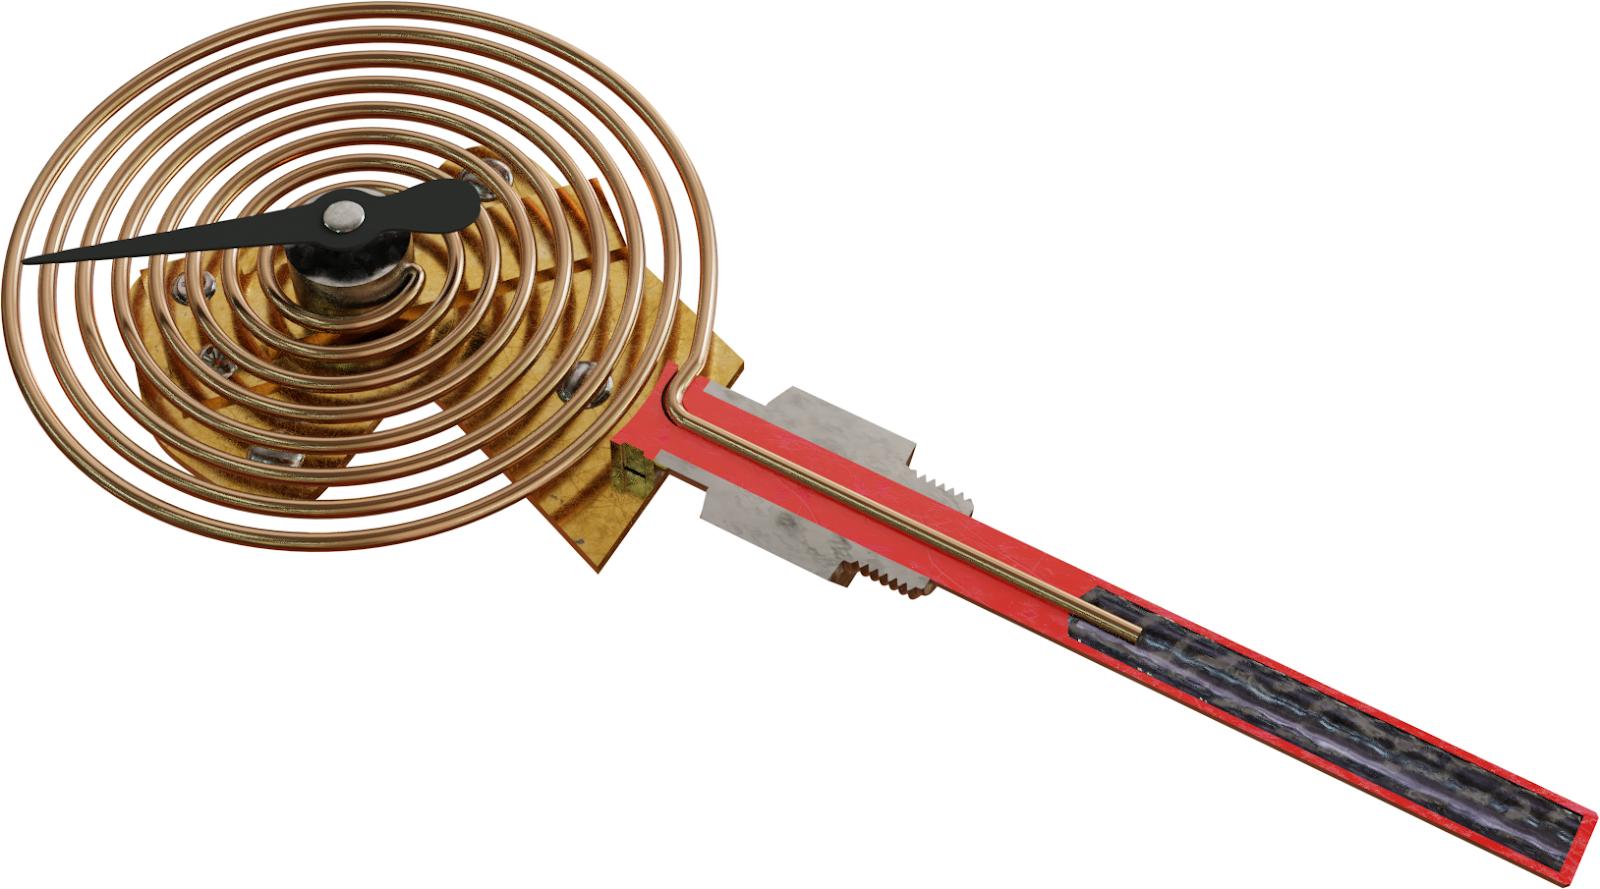 Potong termometer berisi cairan (termometer cair-dalam-logam)